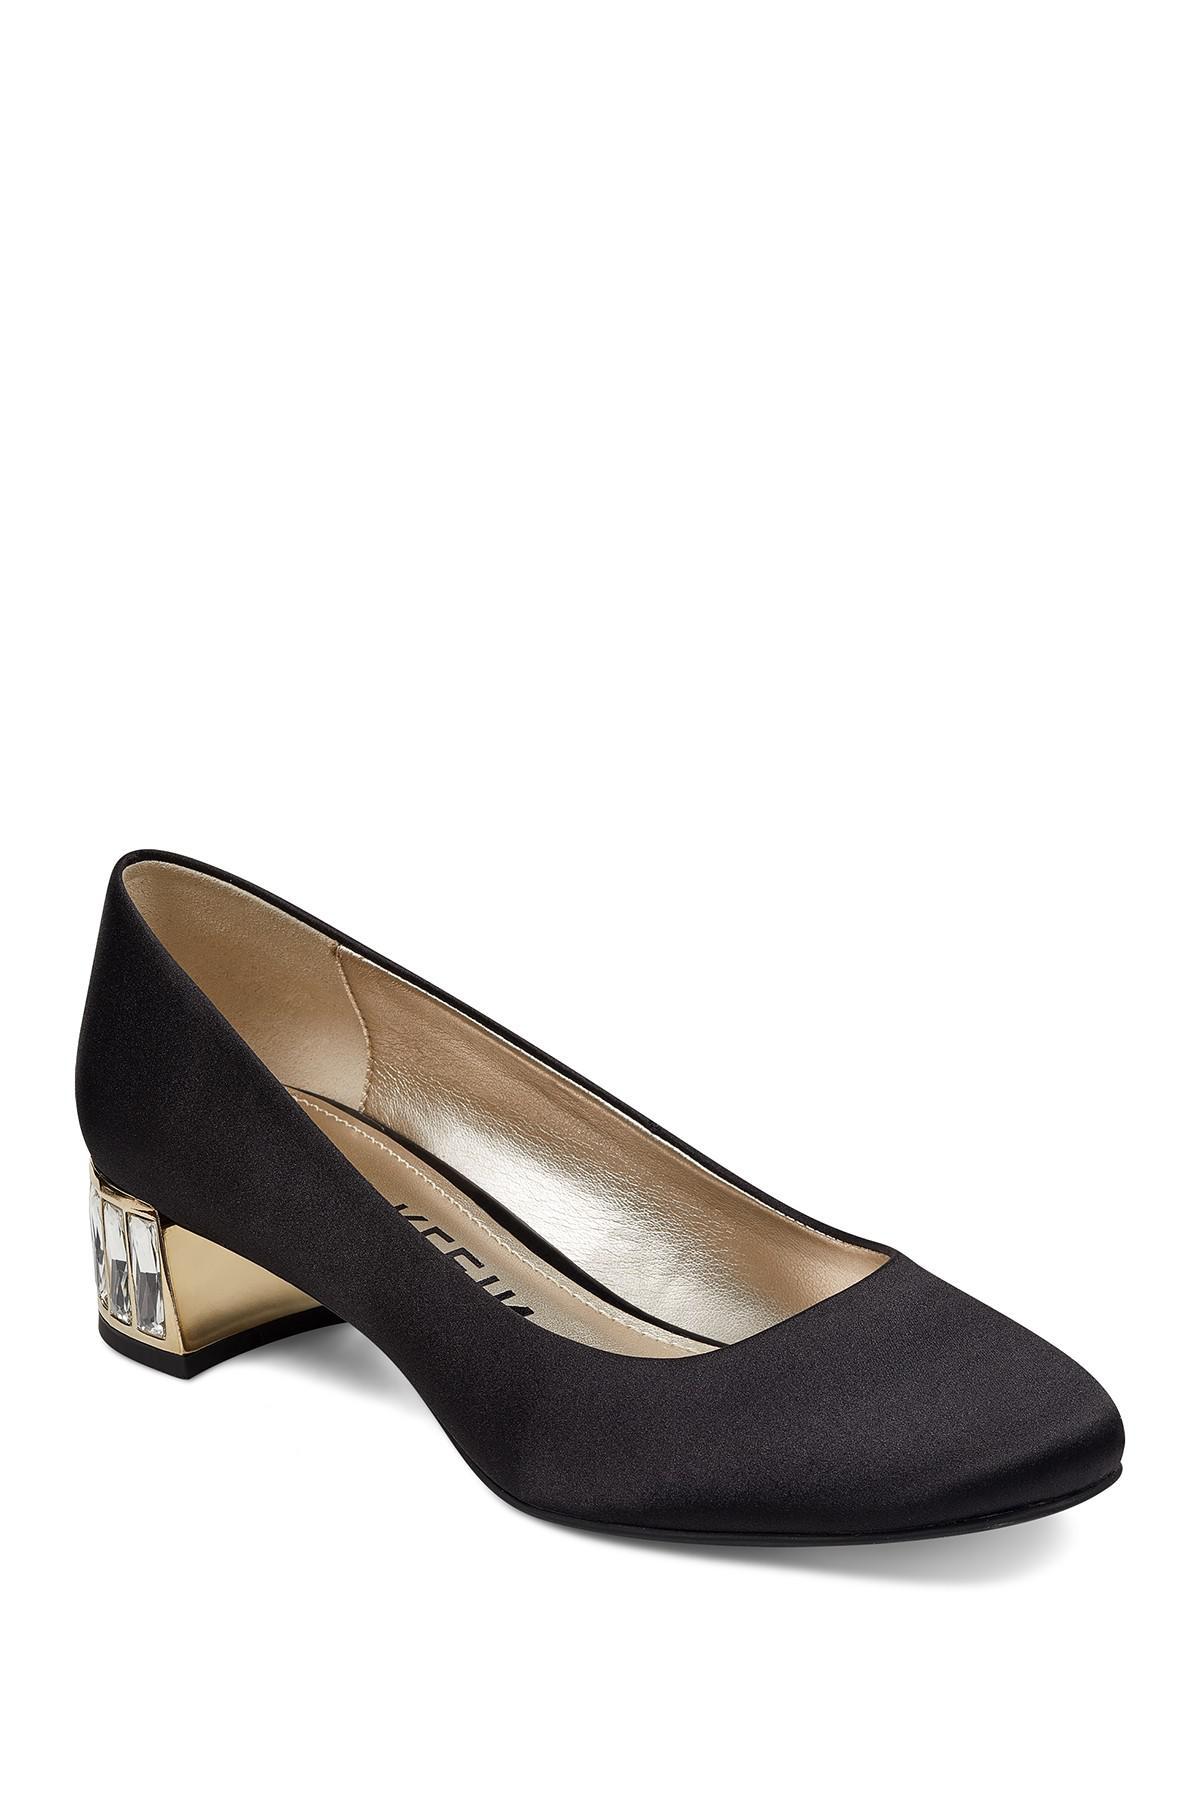 Rachel Comey Shoes Uk